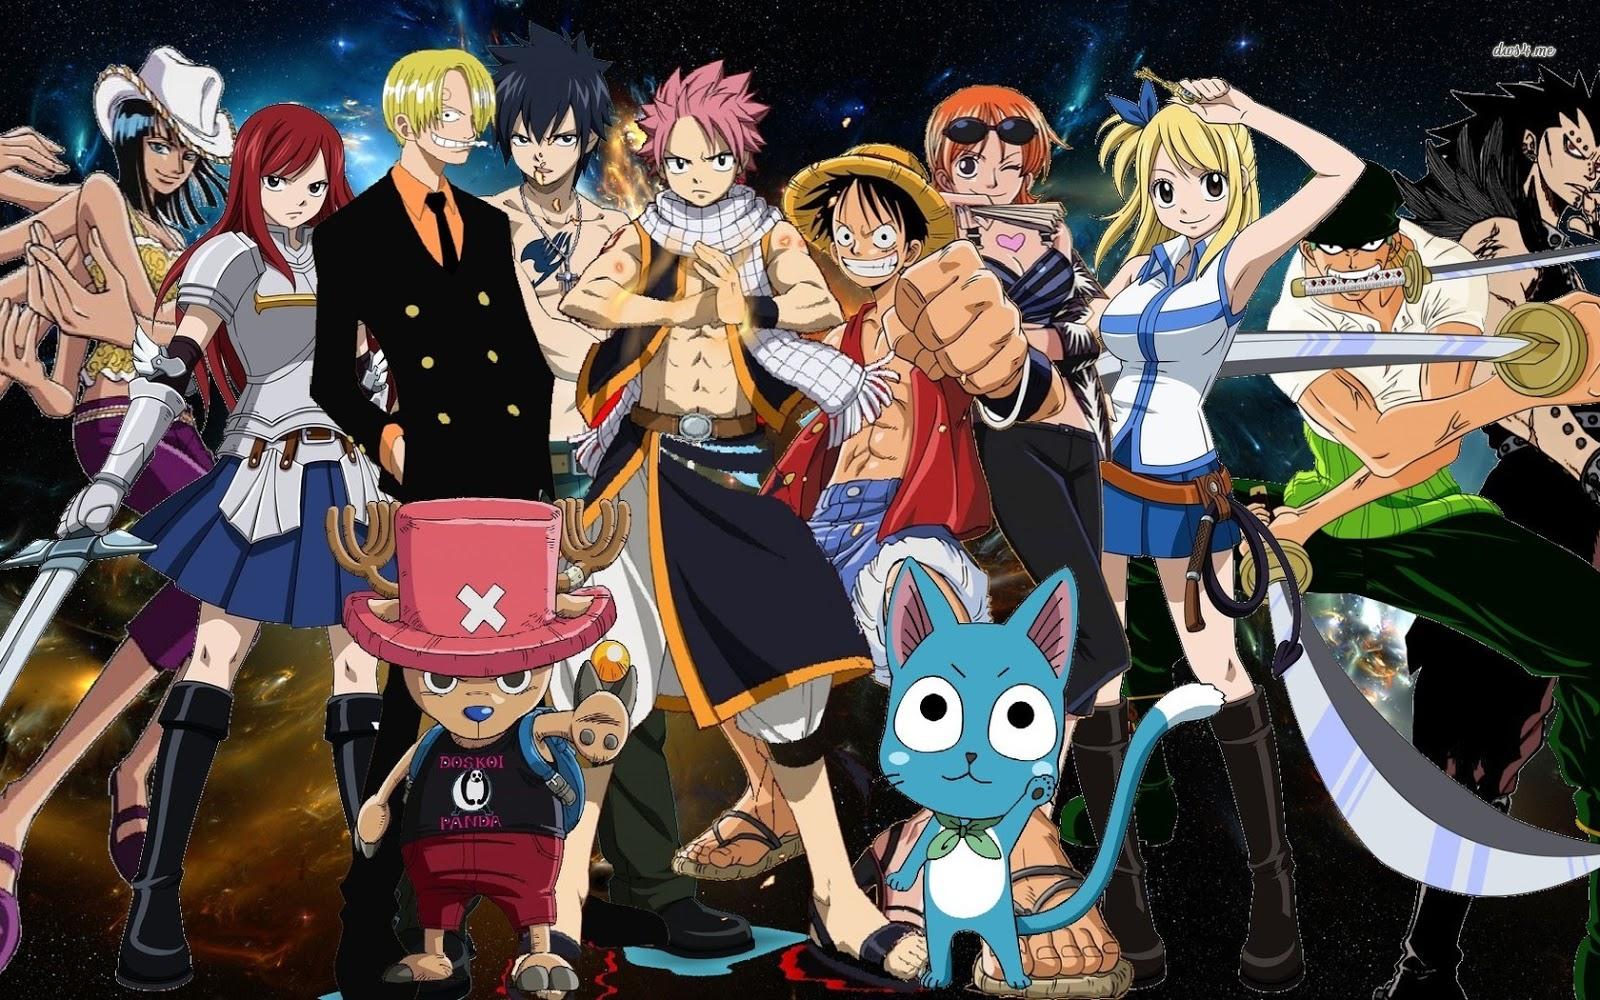 What are manga and anime